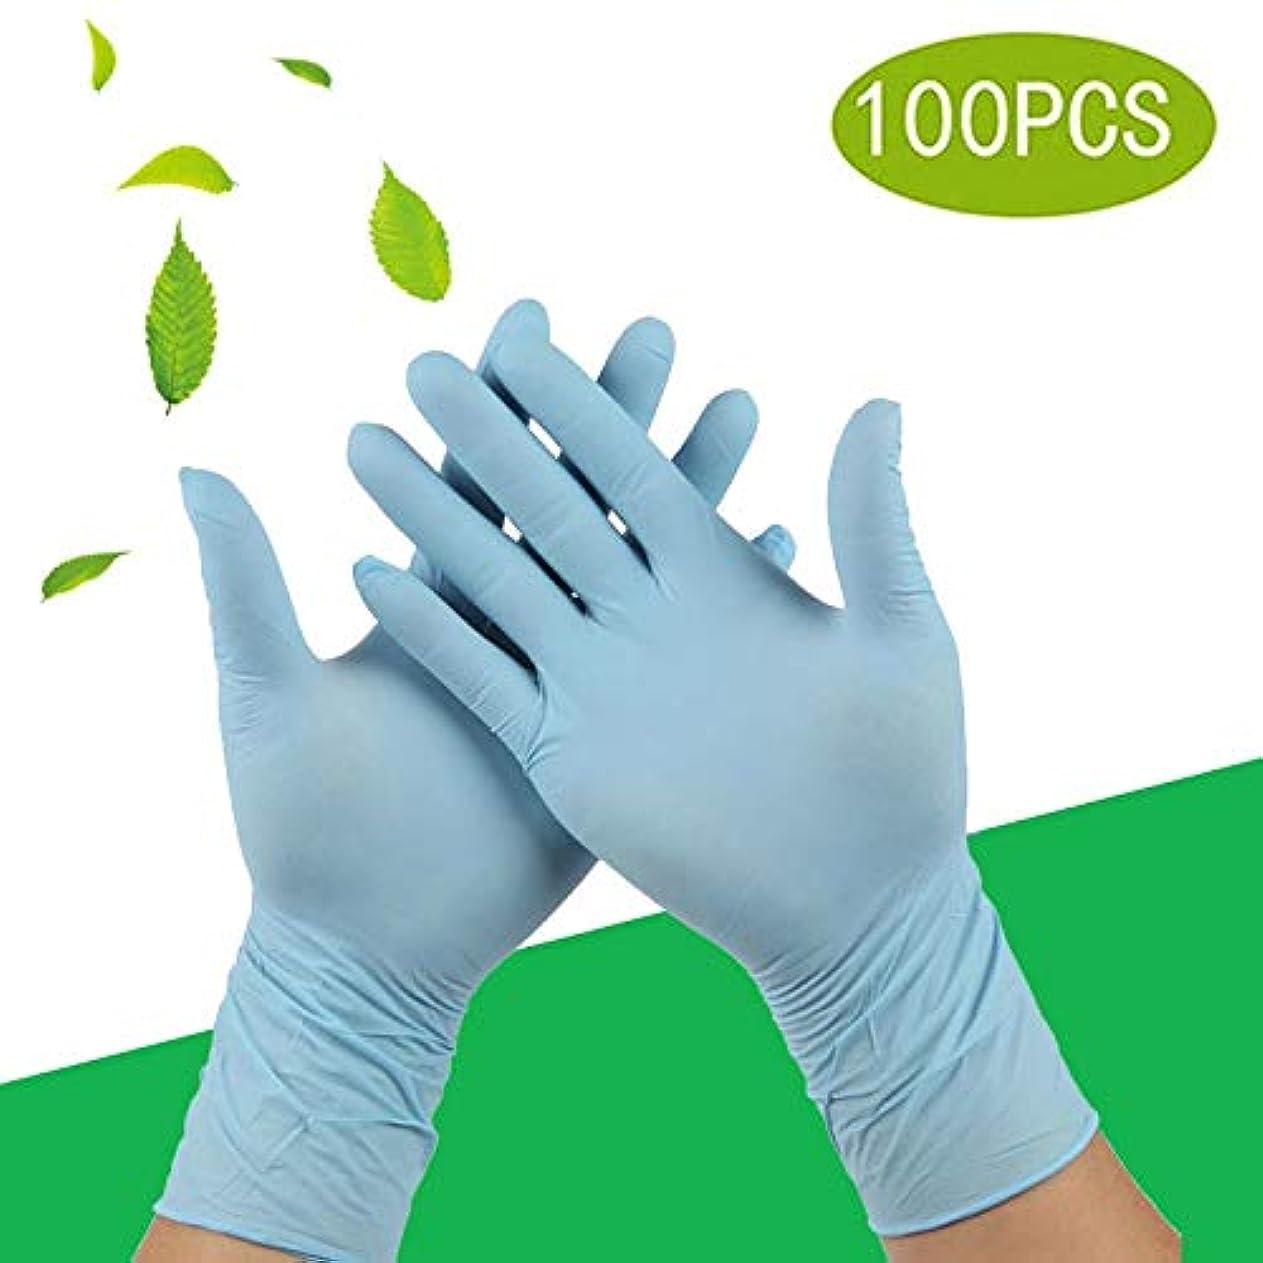 傘時系列シガレット耐酸性および耐アルカリ性試験ニトリル試験用手袋、使い捨て、医療用グレード100カウント (Size : S)